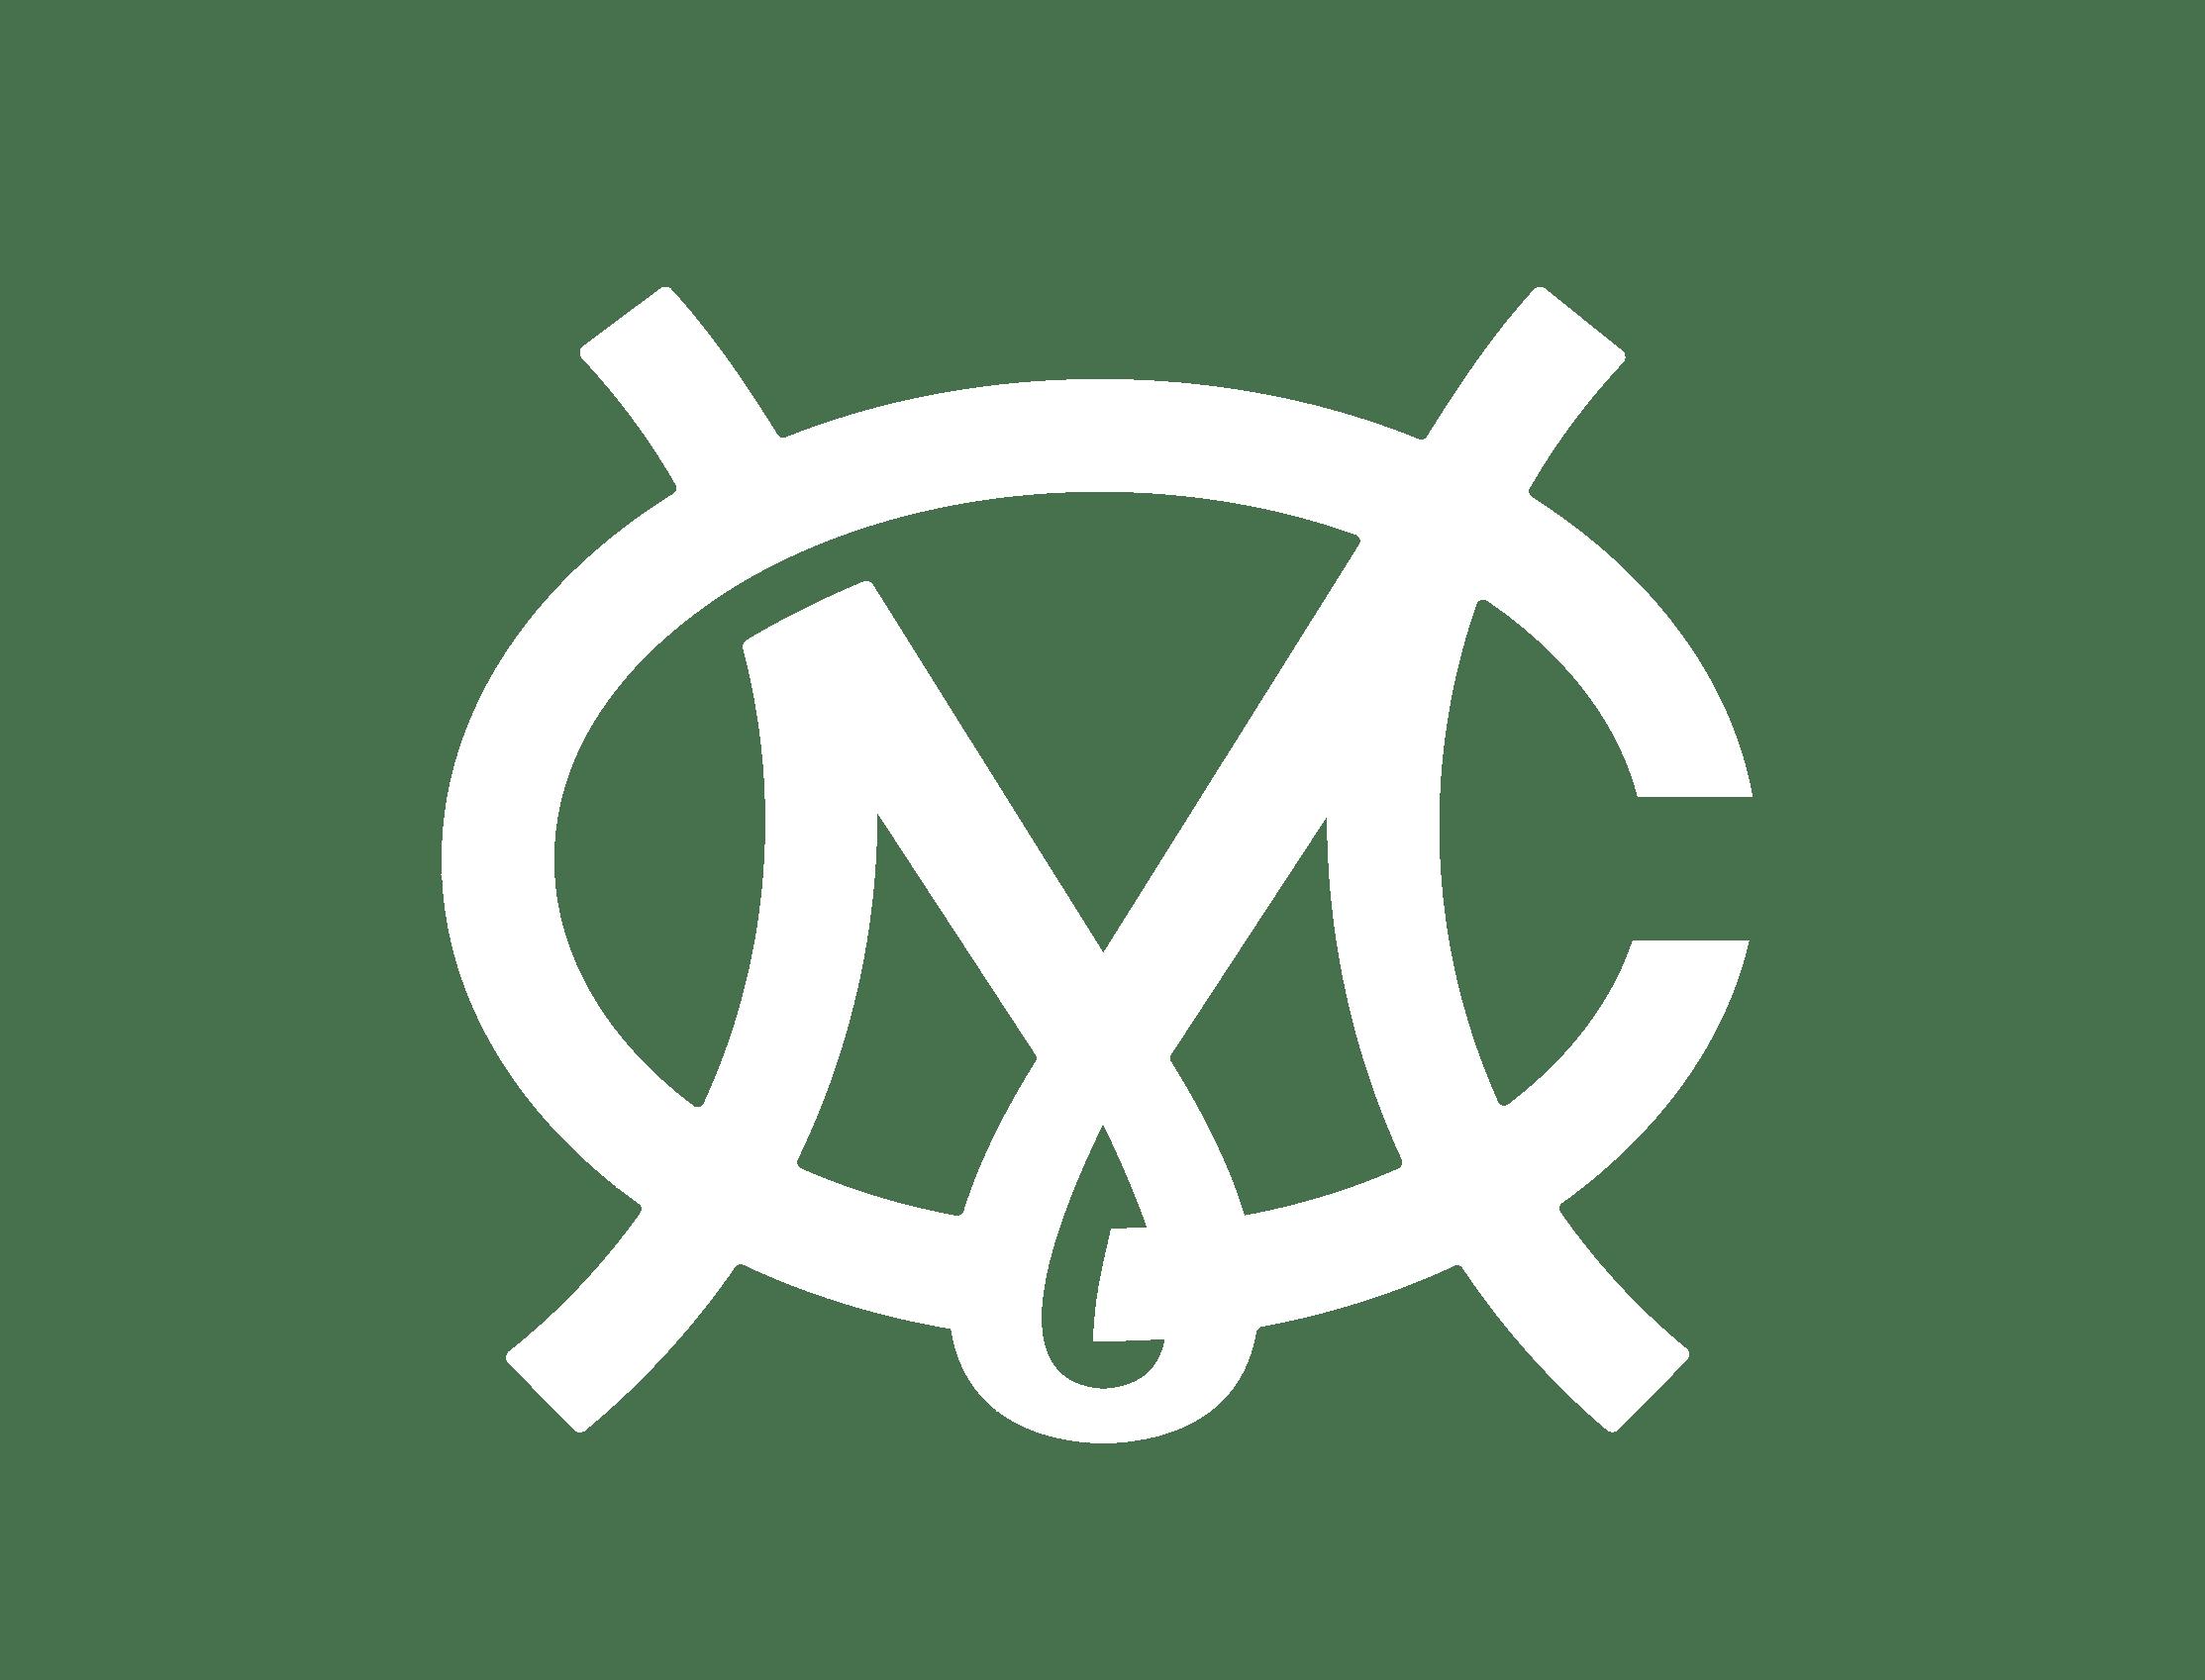 everday luxe-moral code logo-white